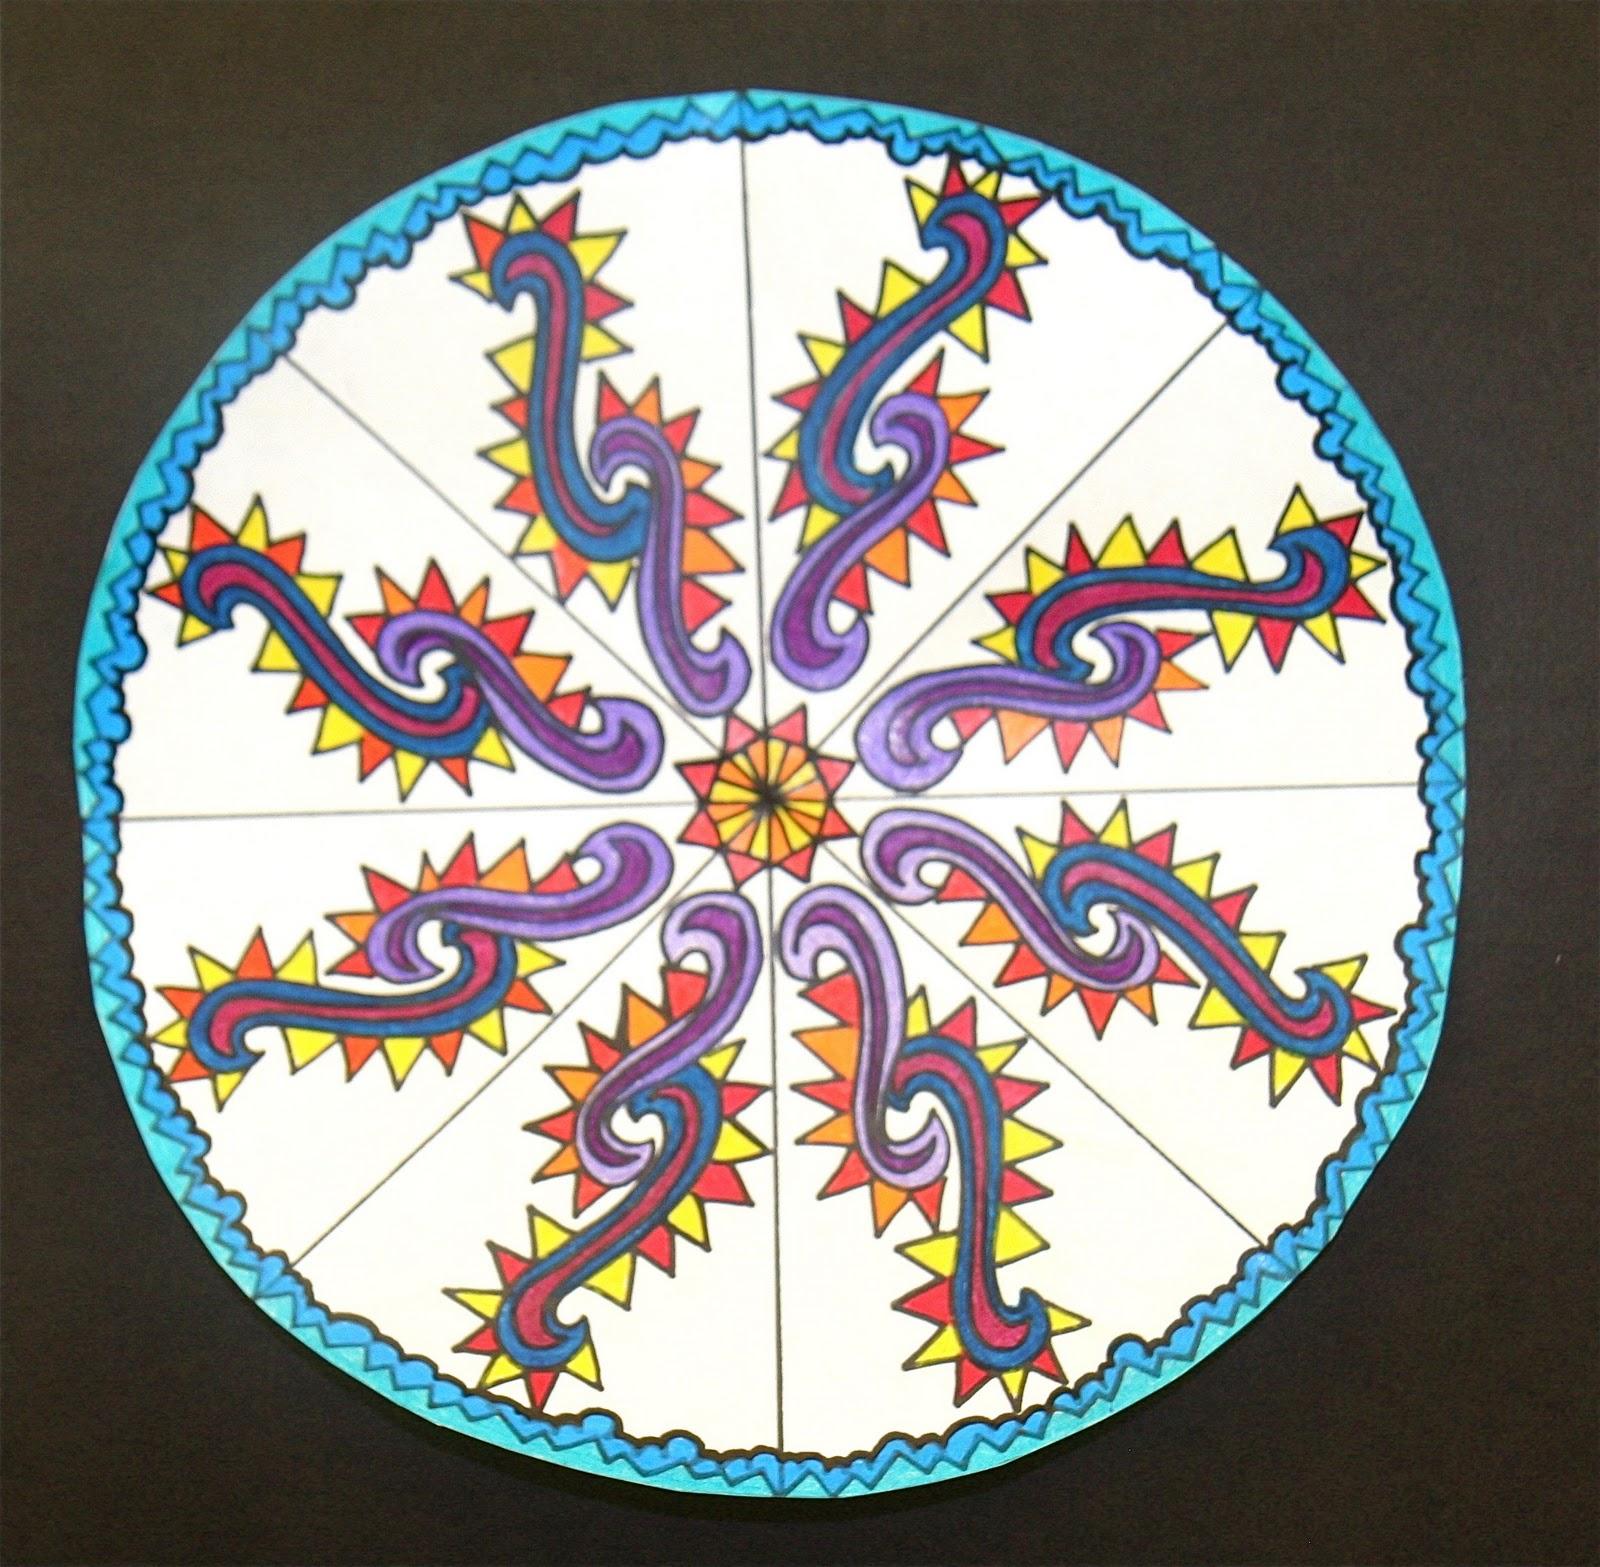 Symmetry Worksheet For Grade 4